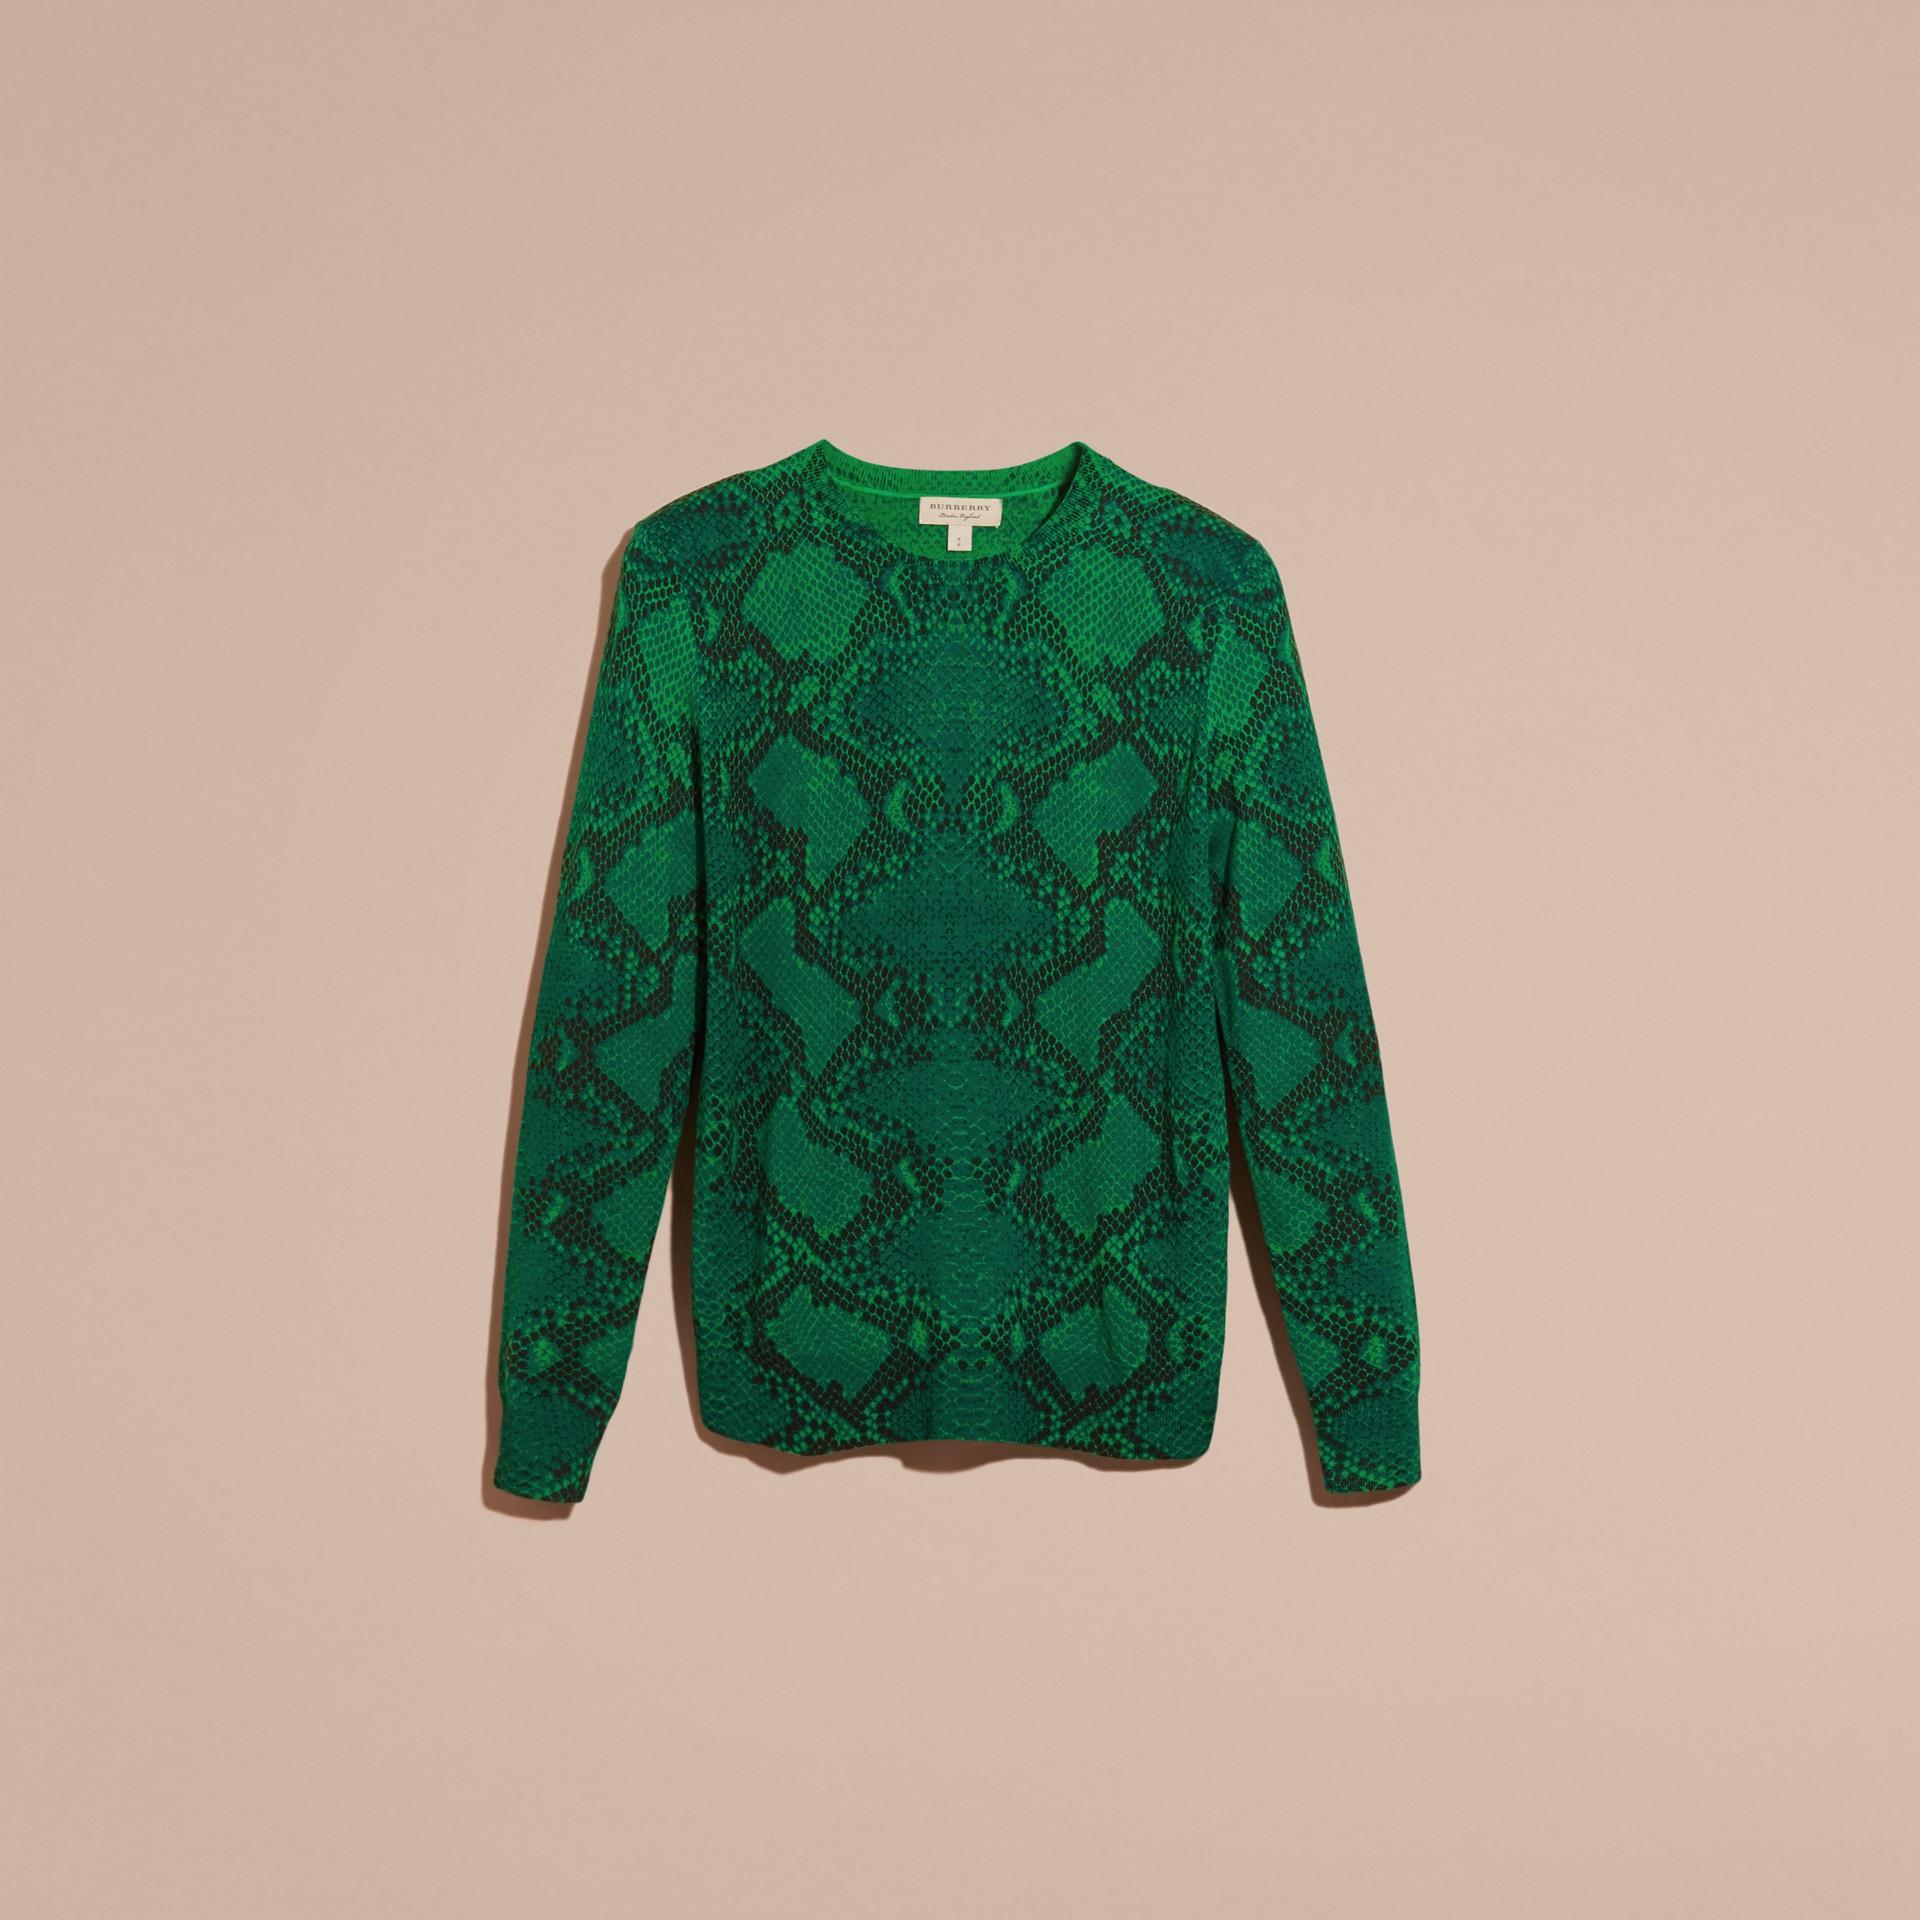 Verde pigmento Suéter de lã Merino com estampa de píton e detalhe xadrez Verde Pigmento - galeria de imagens 4